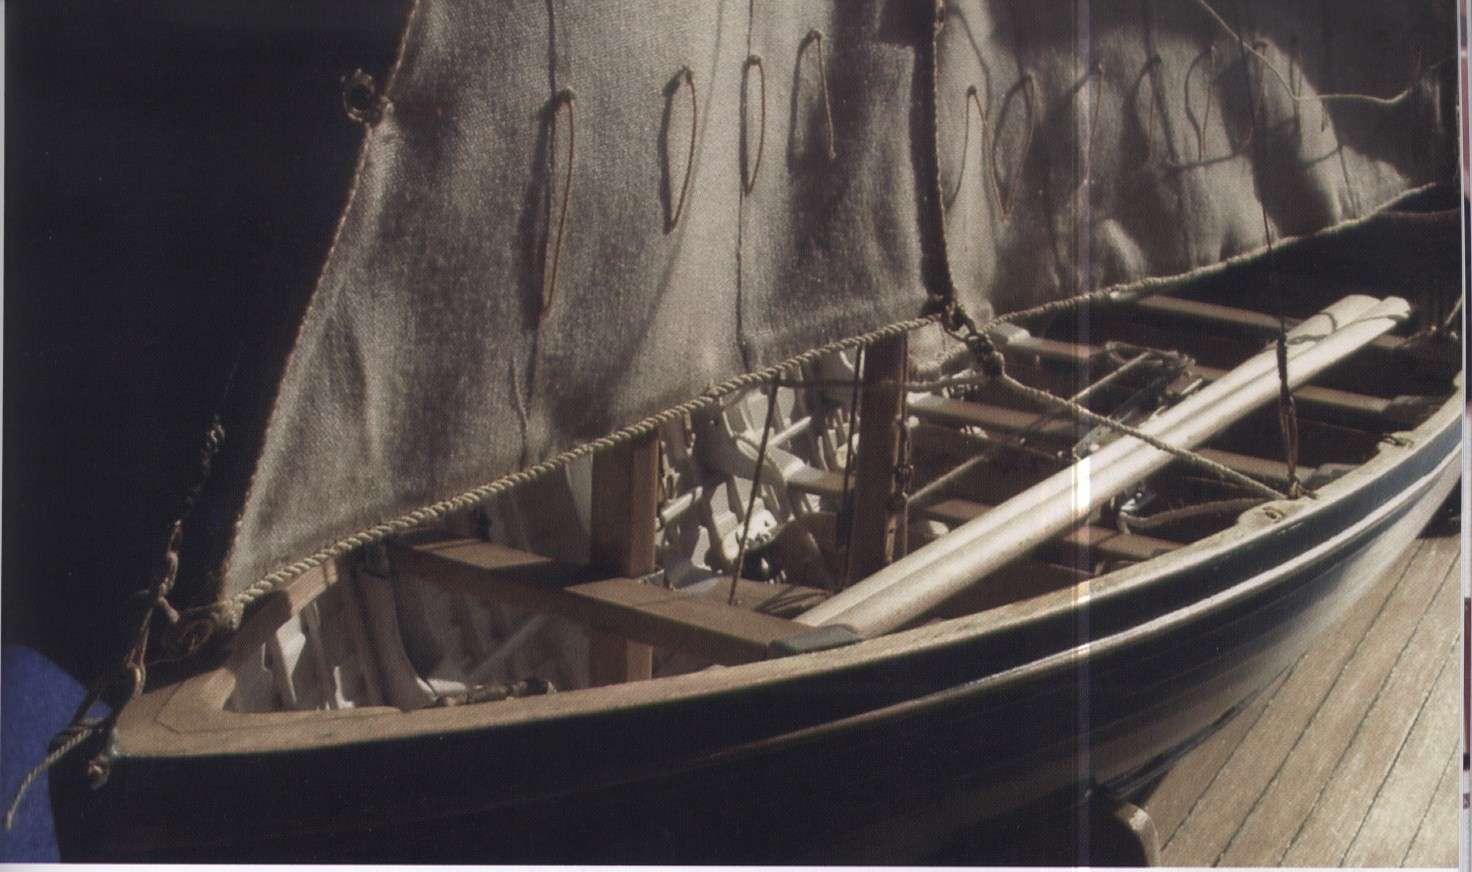 Baleniera di New Bredford  - Pagina 4 Imm_110